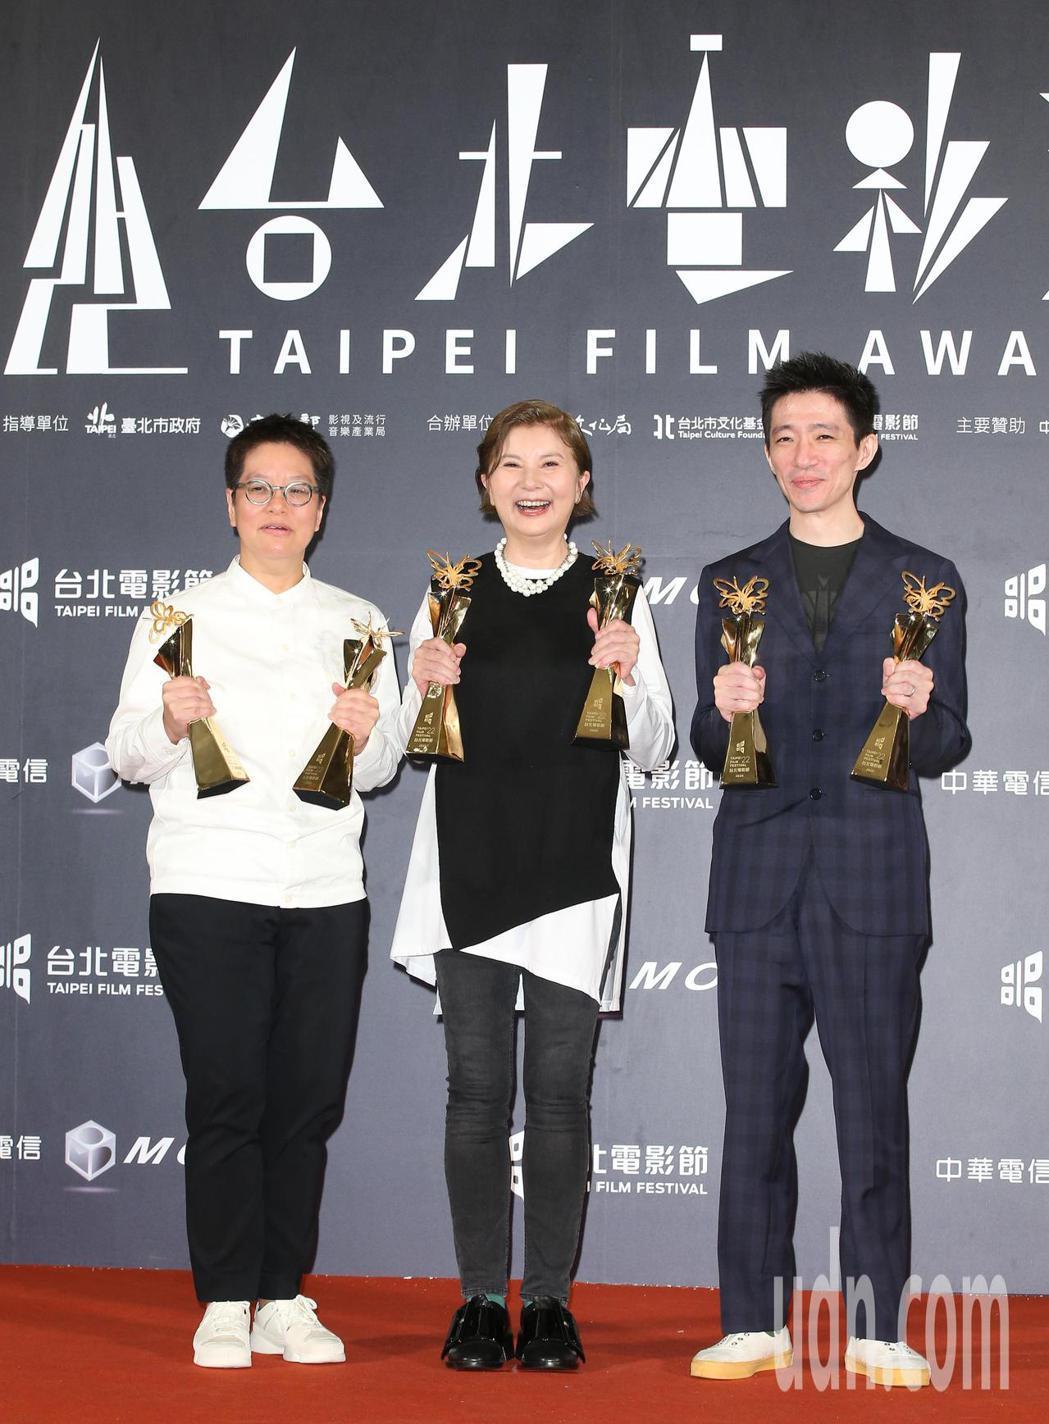 監製李烈(中)、李耀華(左)與導演徐漢強(右)。記者陳立凱/攝影